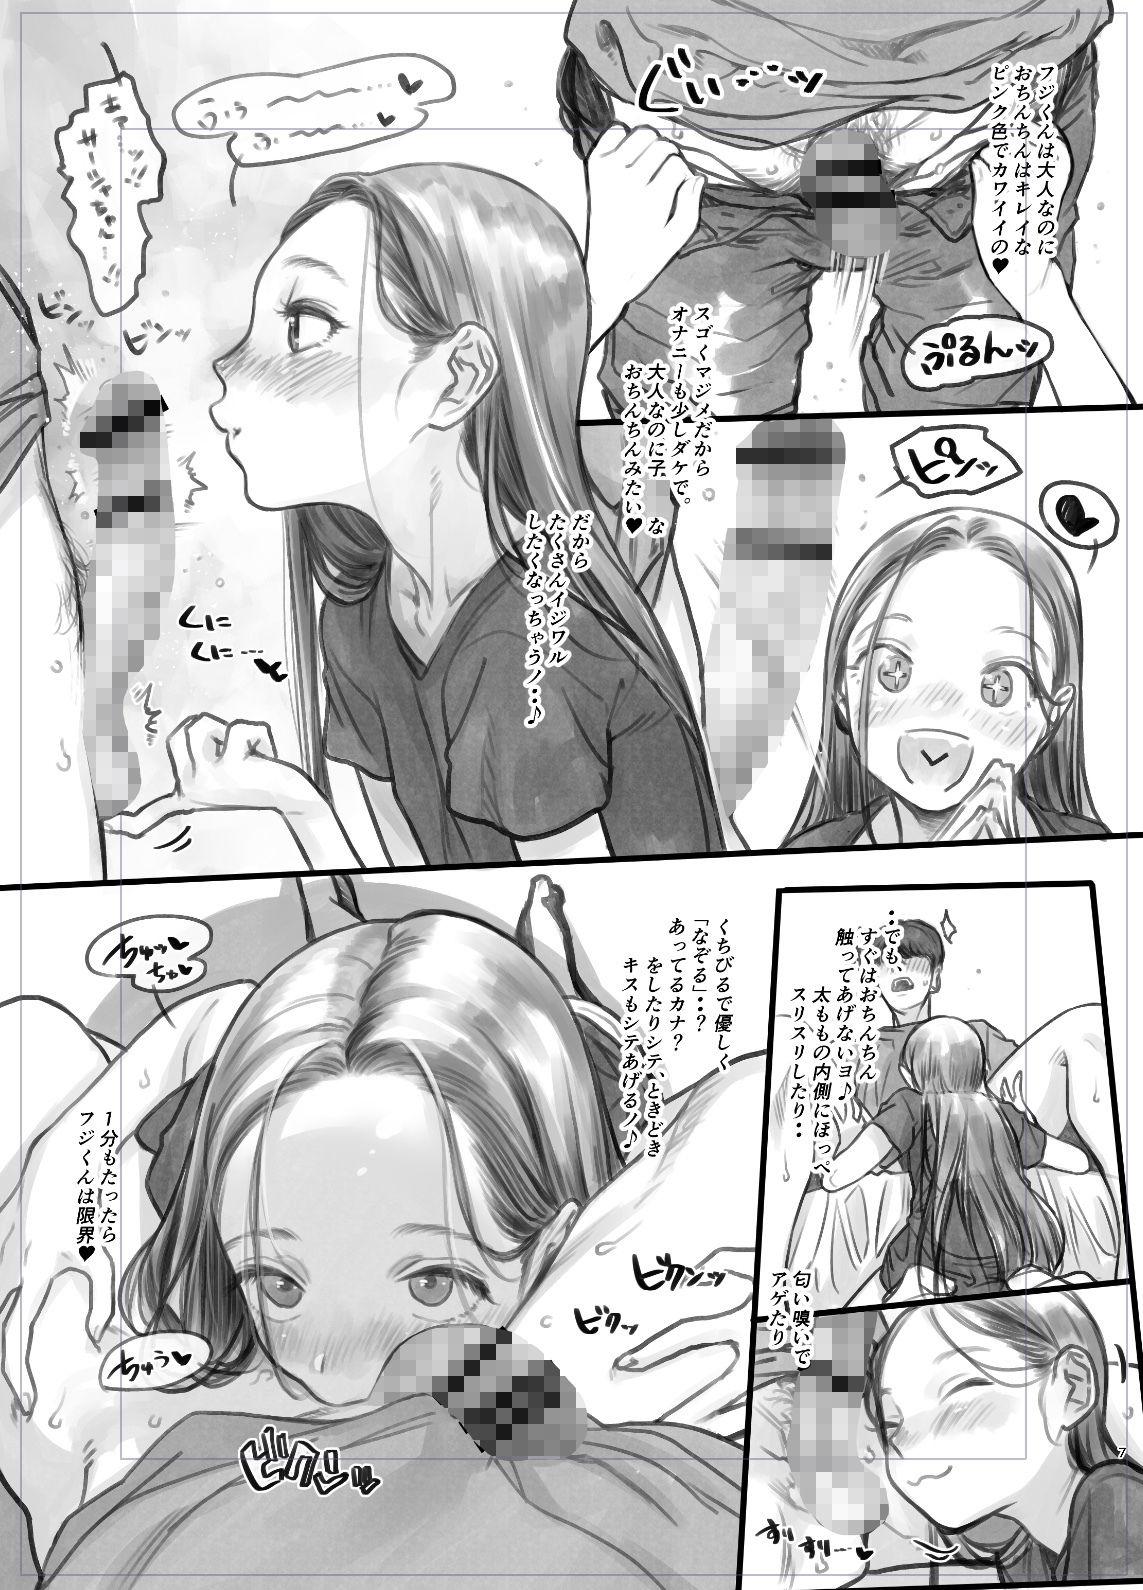 金髪碧眼○r.アイドルのお気に入りセックスフレンド紹介 1(第3位フジくん編)